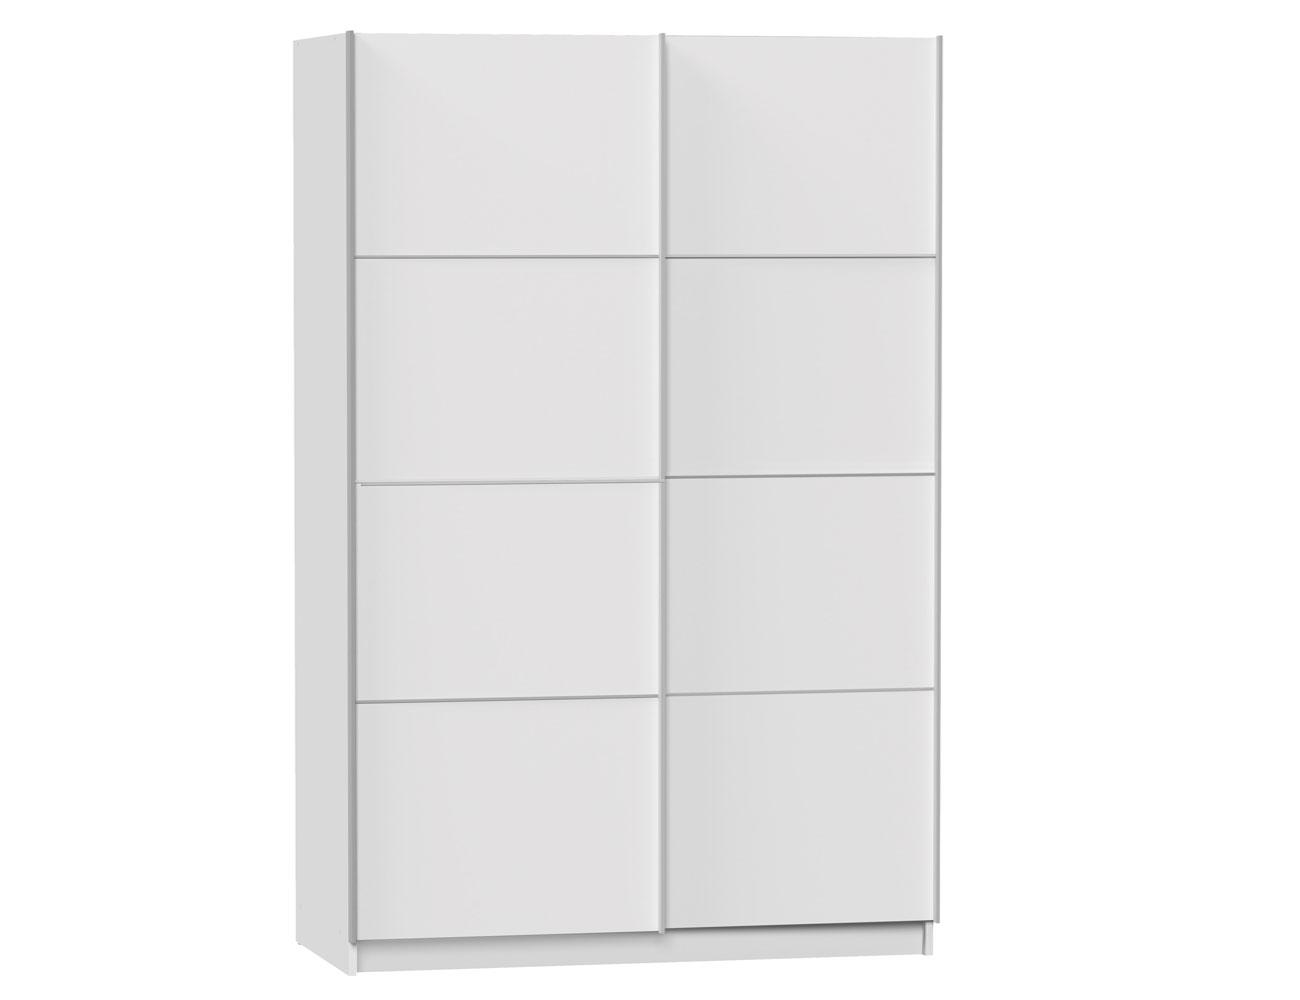 Armario puertas correderas blanco 150 cm de ancho - Armario 150 puertas correderas ...